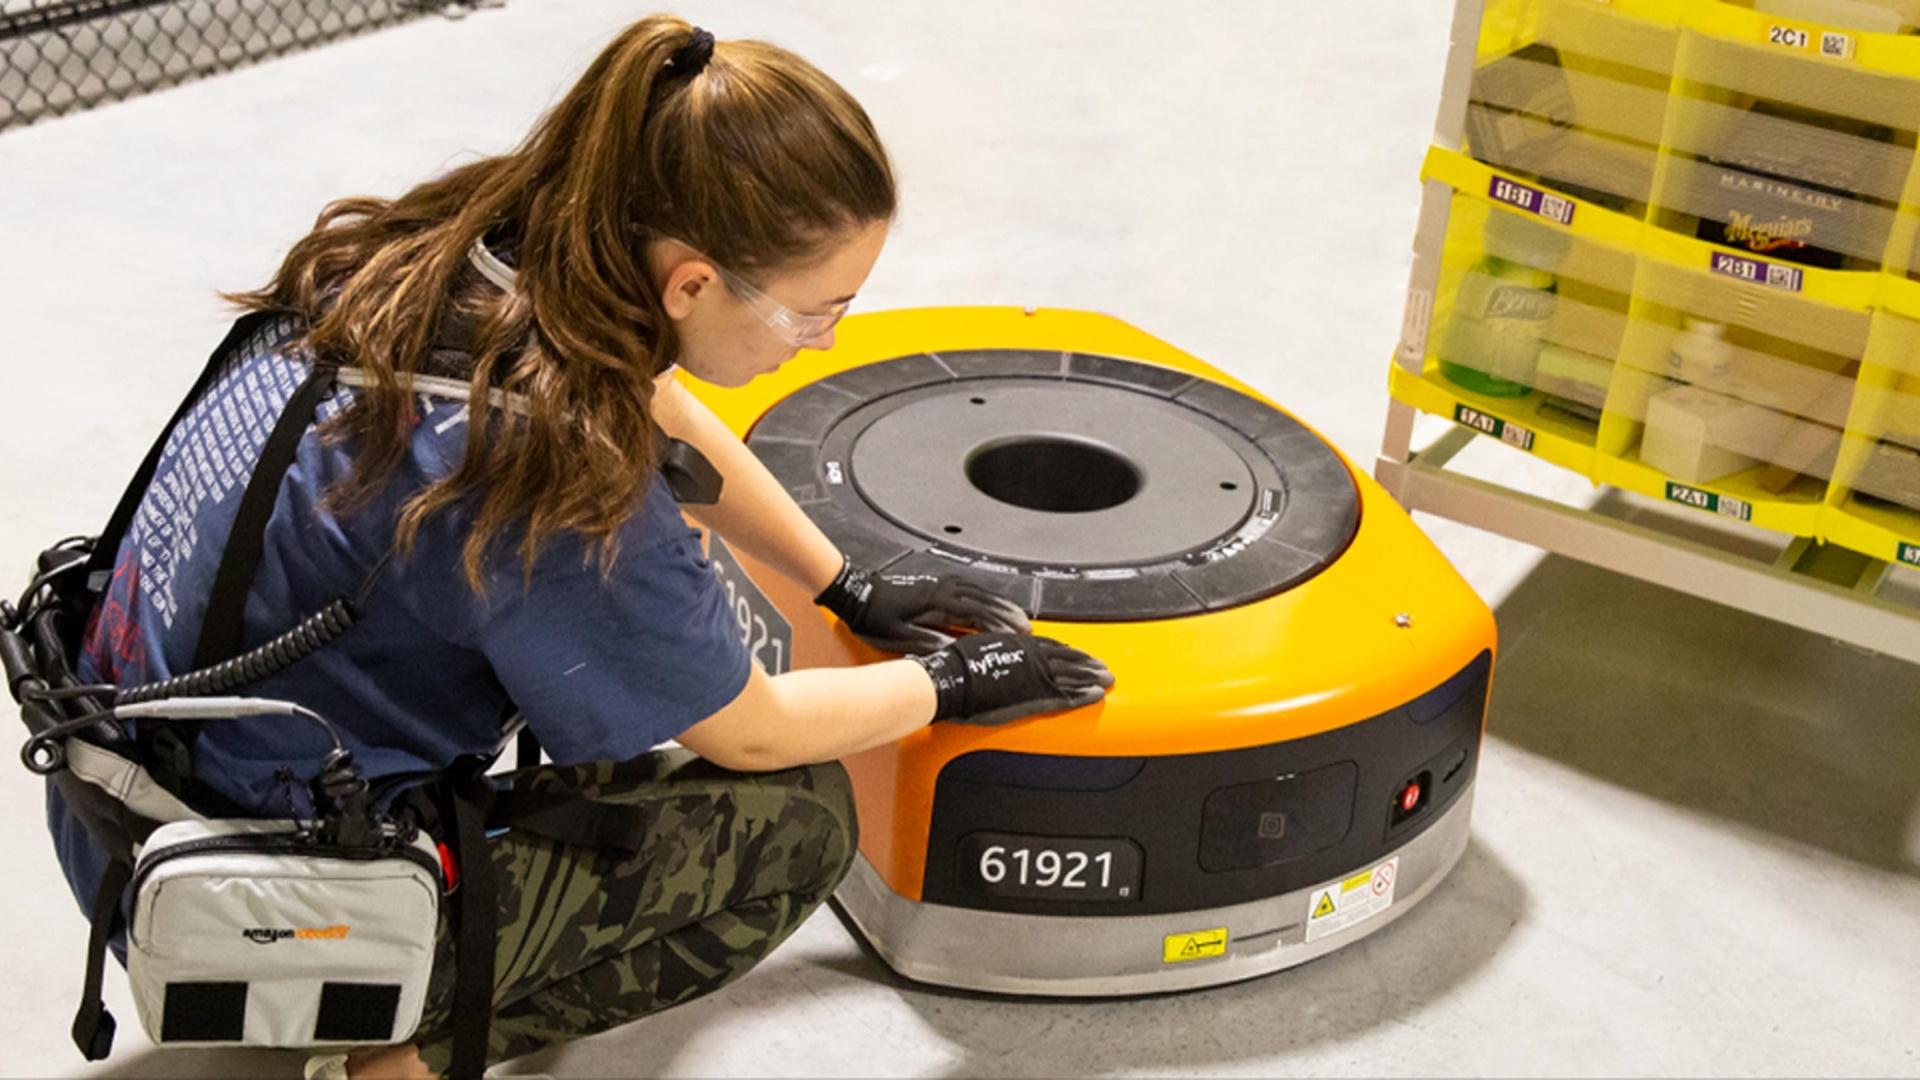 Elektron jilet insanların robota yaxınlaşacağını öncədən xəbər verir